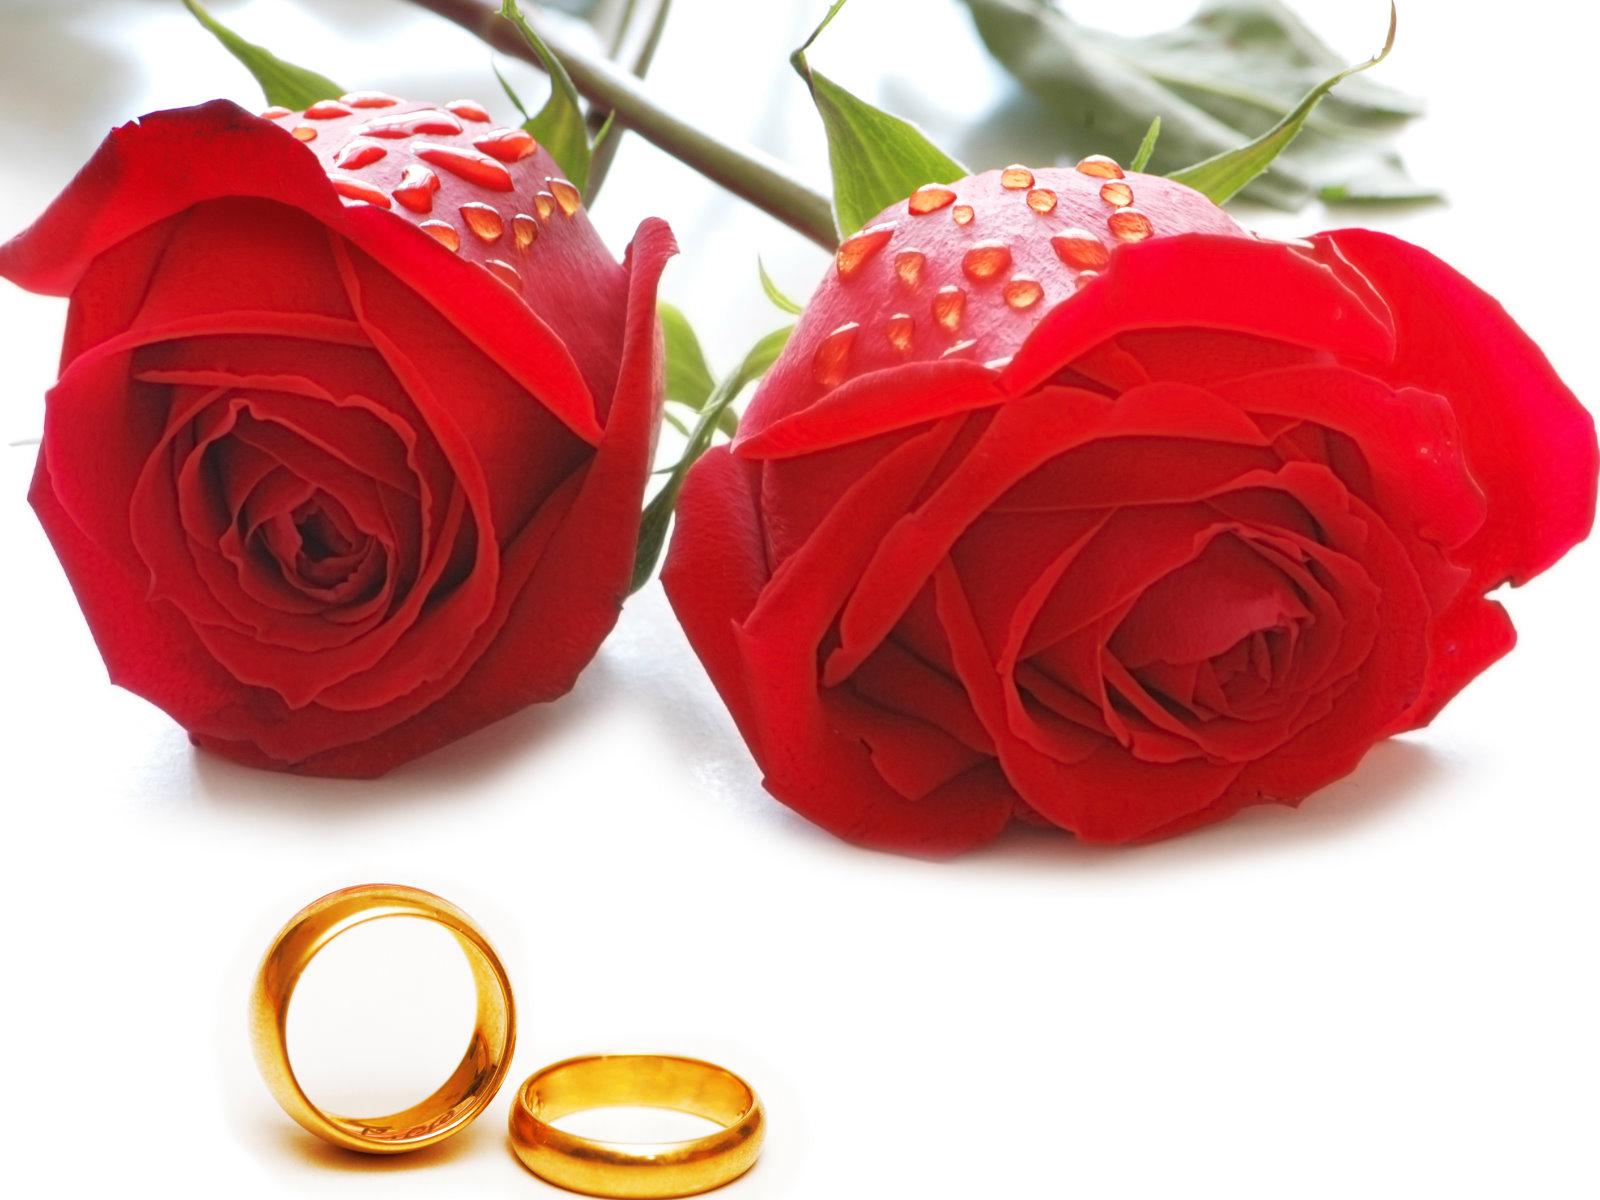 Planos De Fundo Casamento